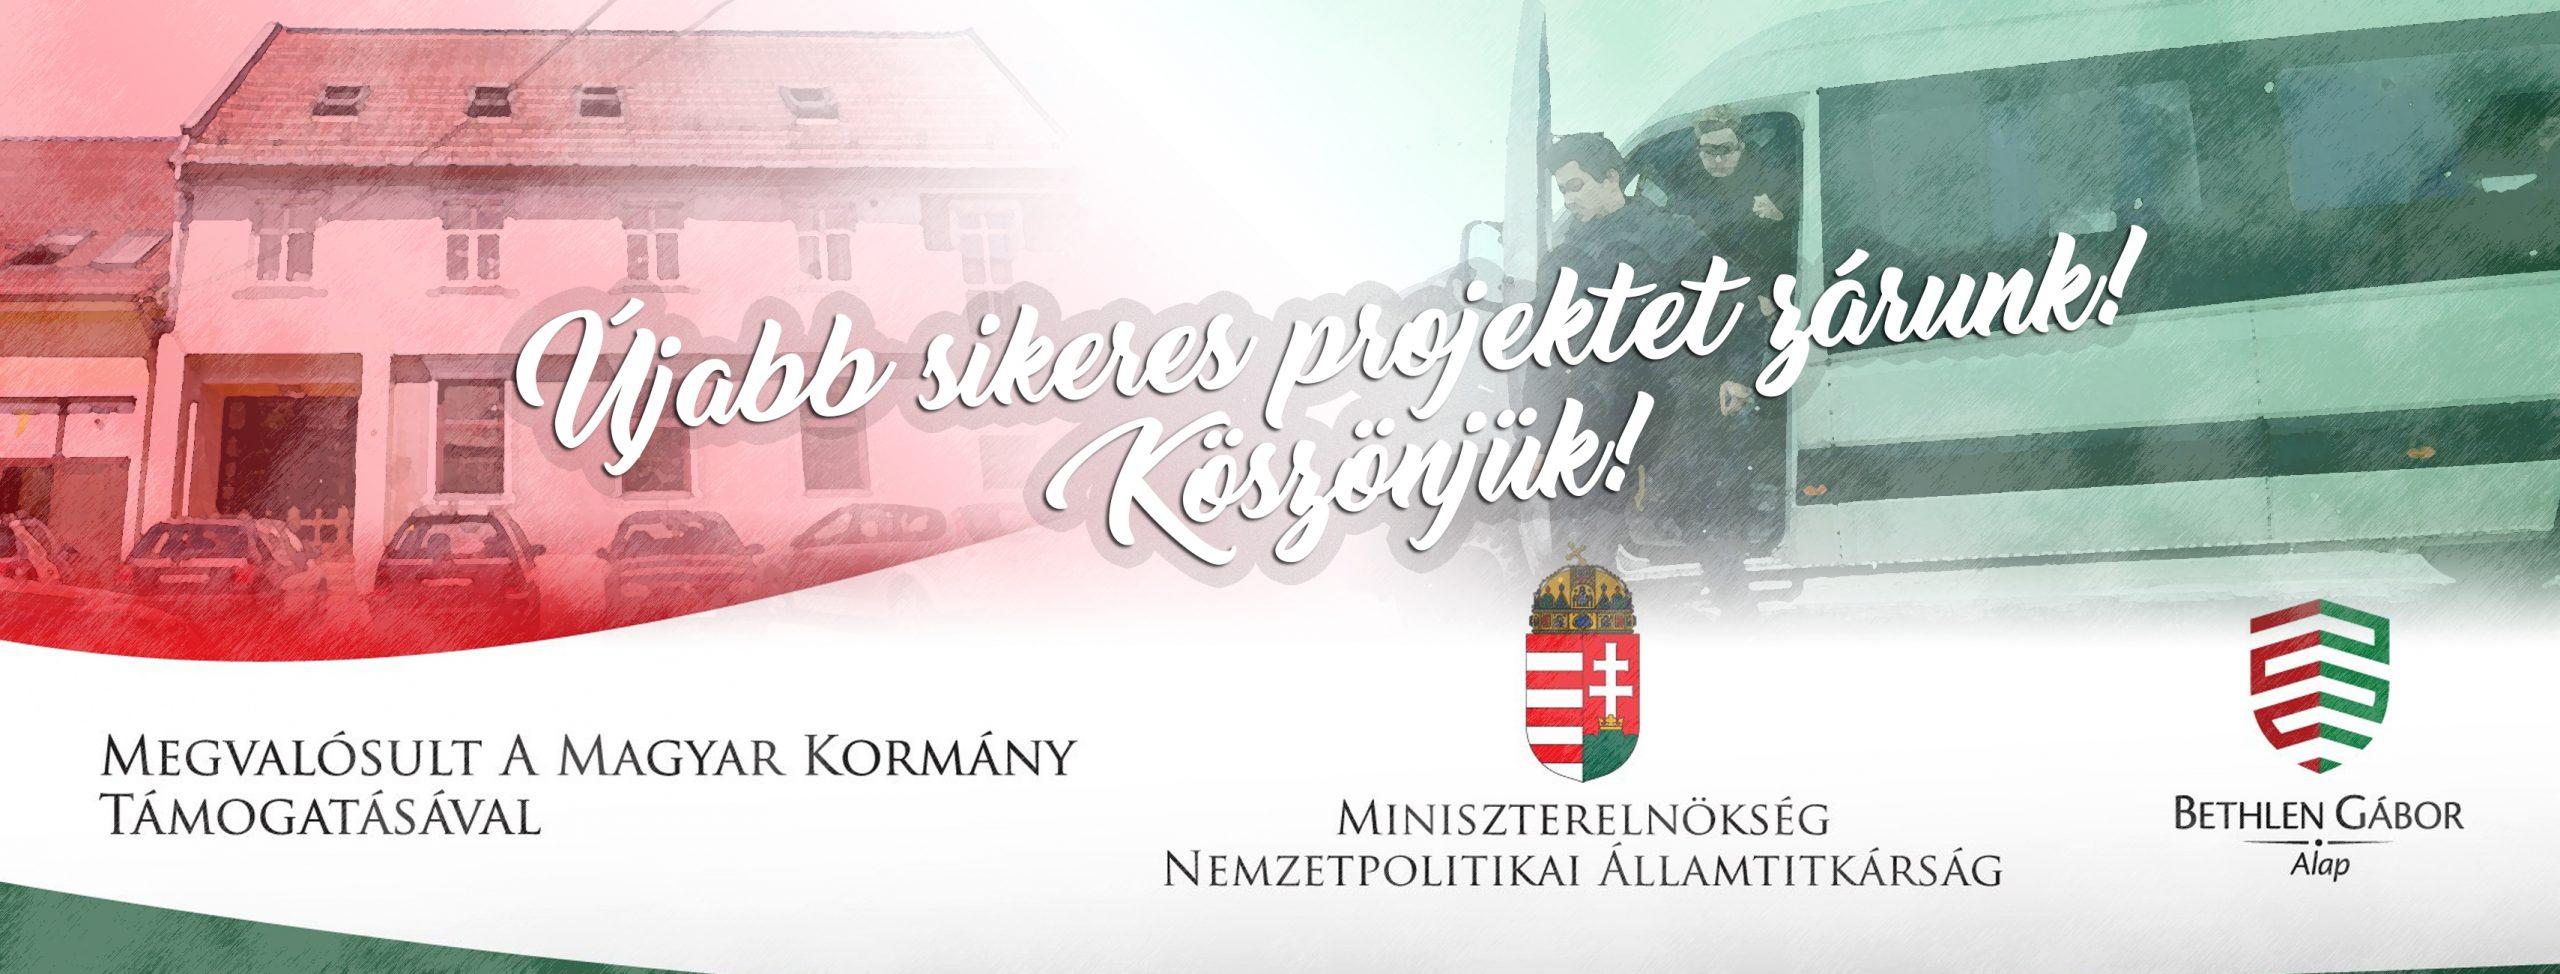 Újabb sikertörténet Beszterce-Naszód megyében